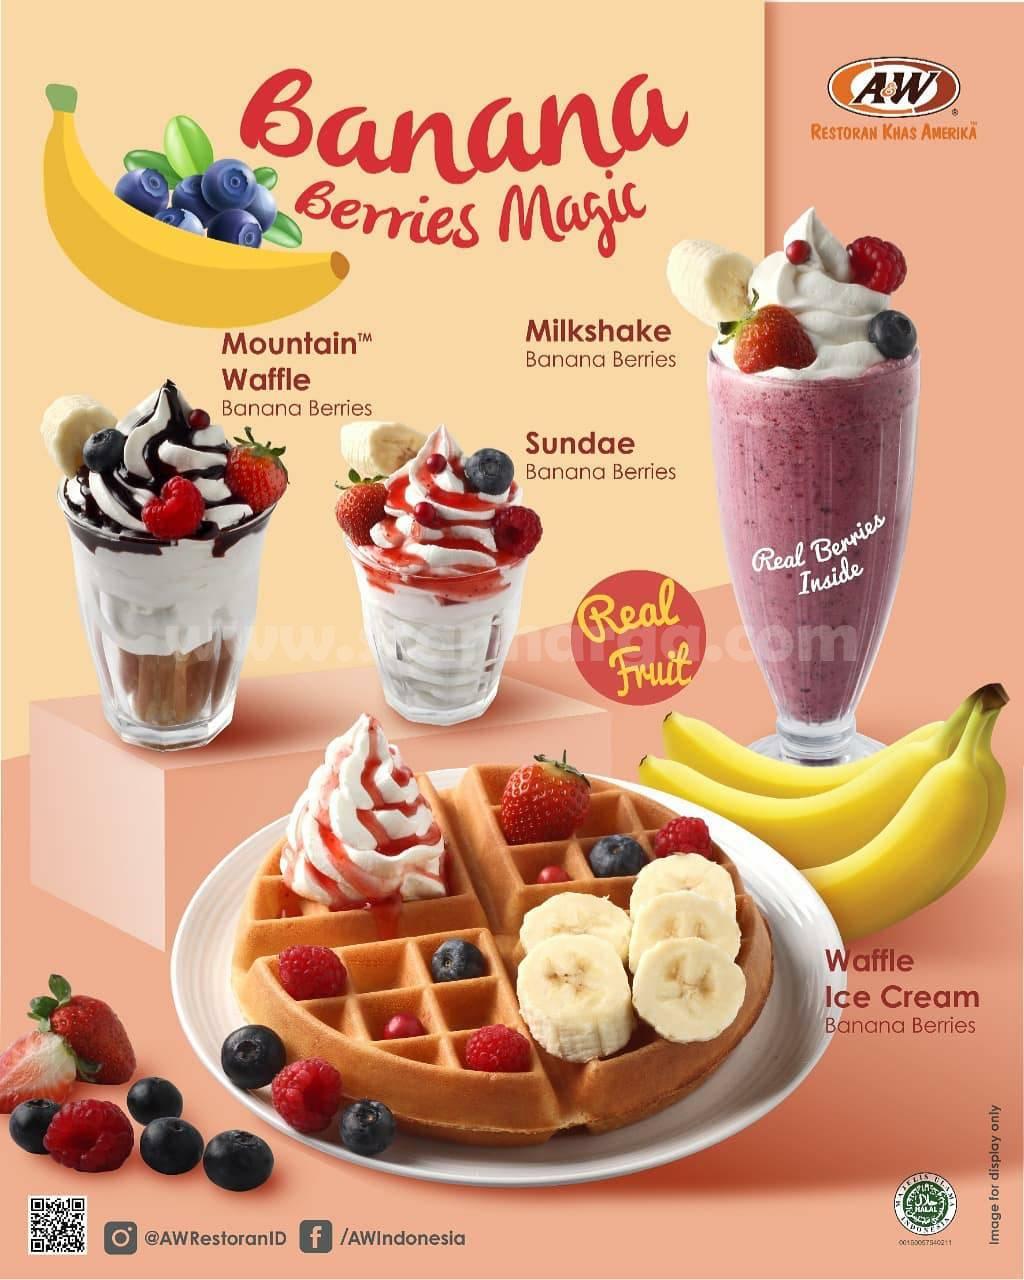 A&W Banana Berries Magic Menu BARU! Harga mulai Rp 16.500